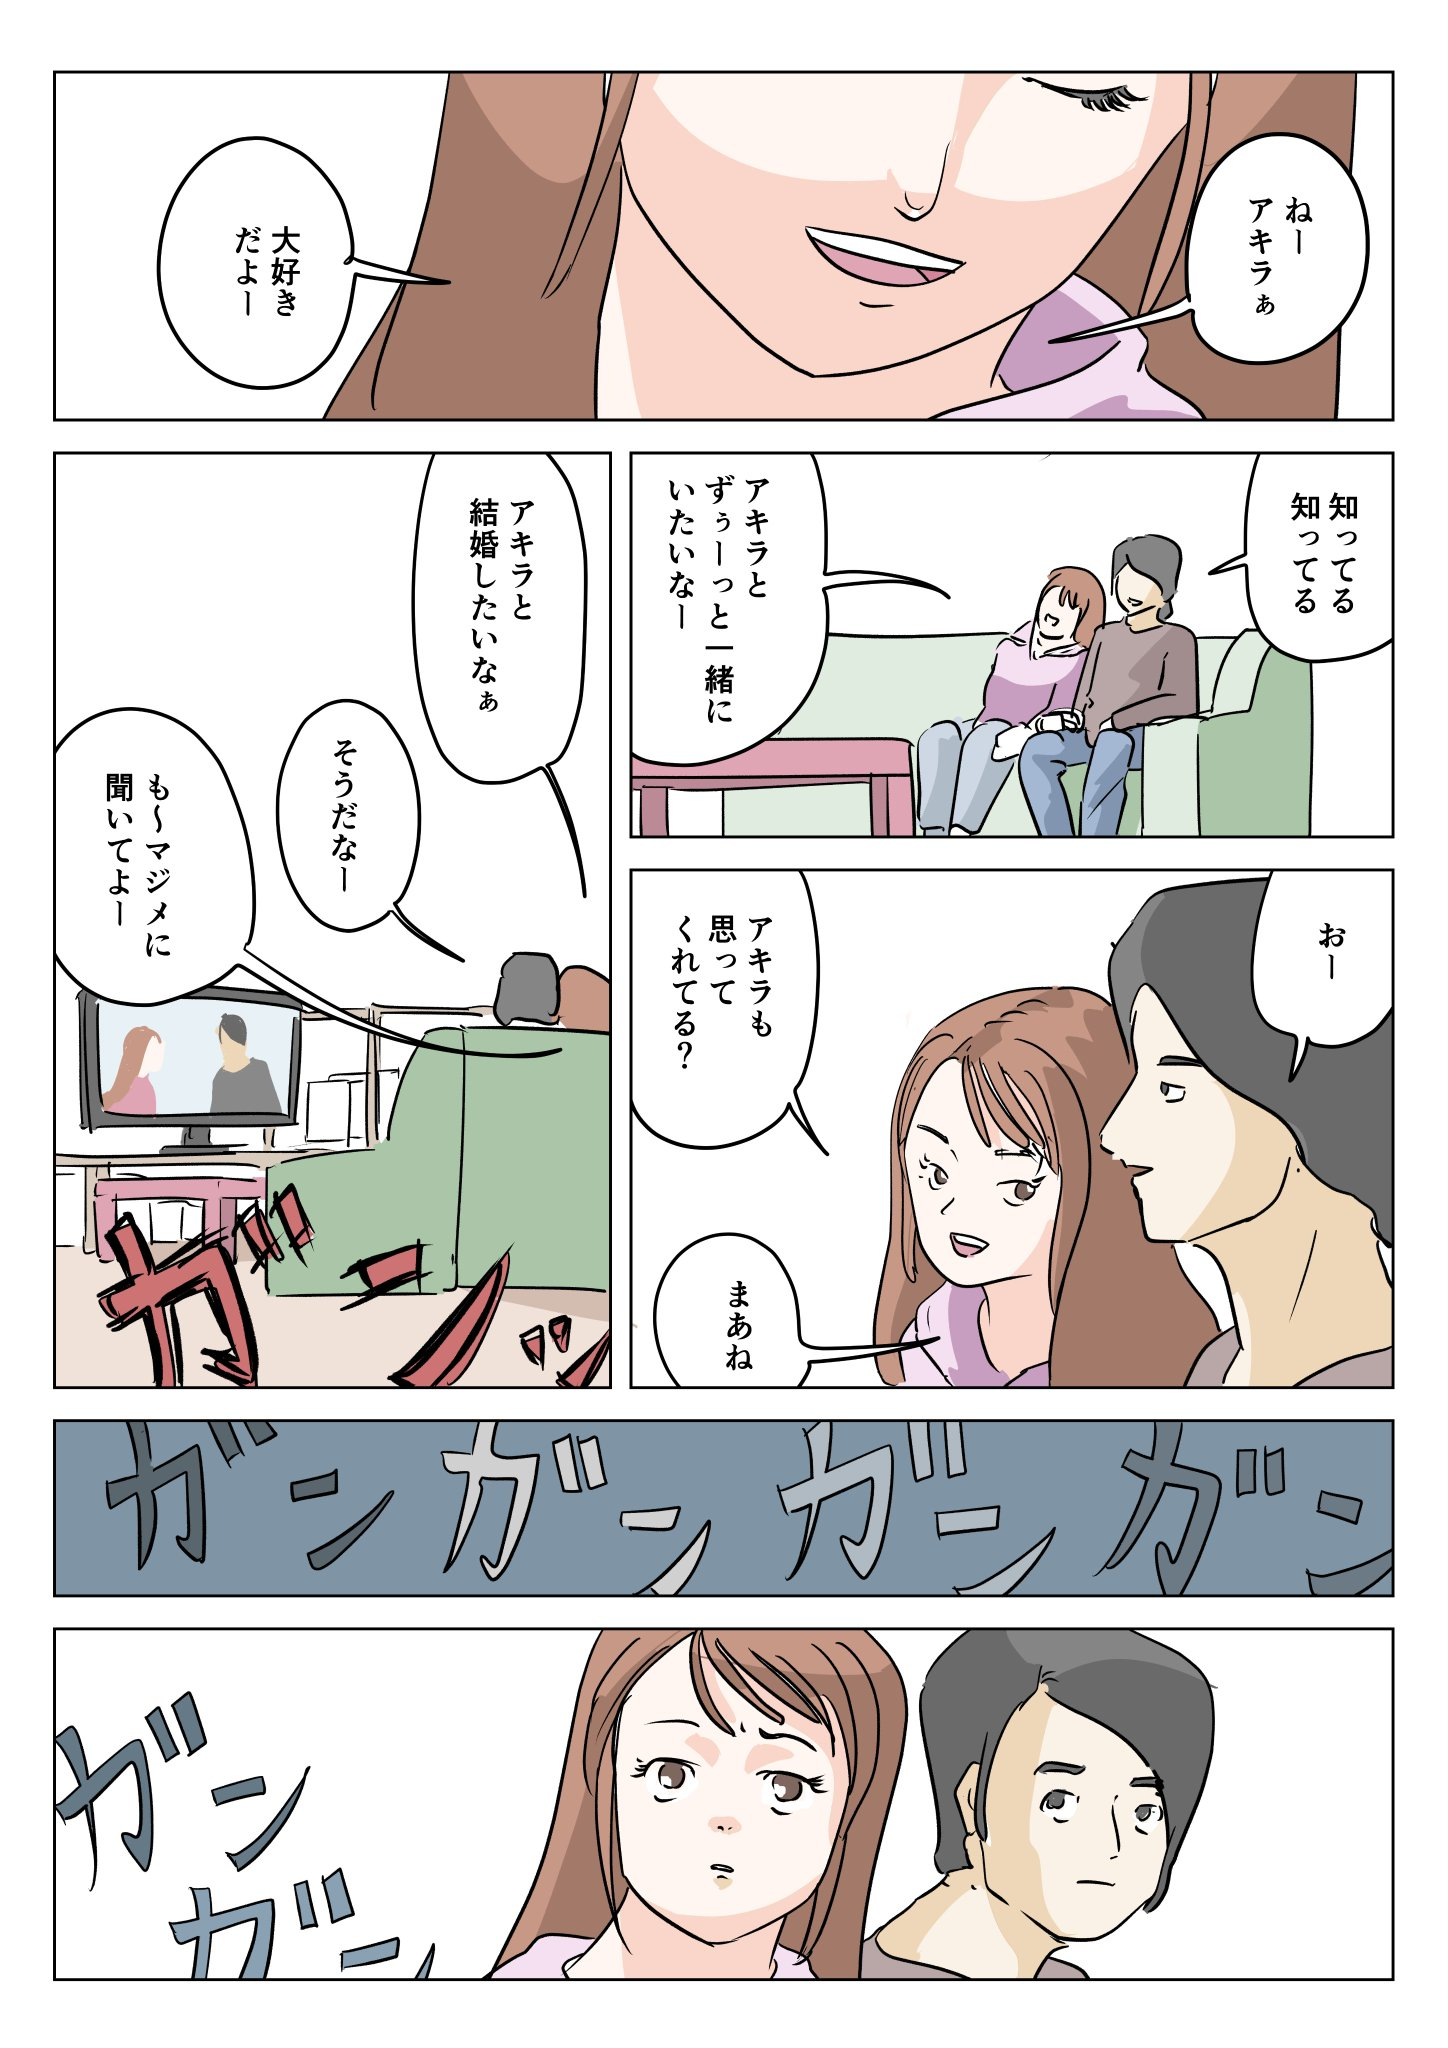 死にかけの元カレとの三角関係の漫画です(1/7)